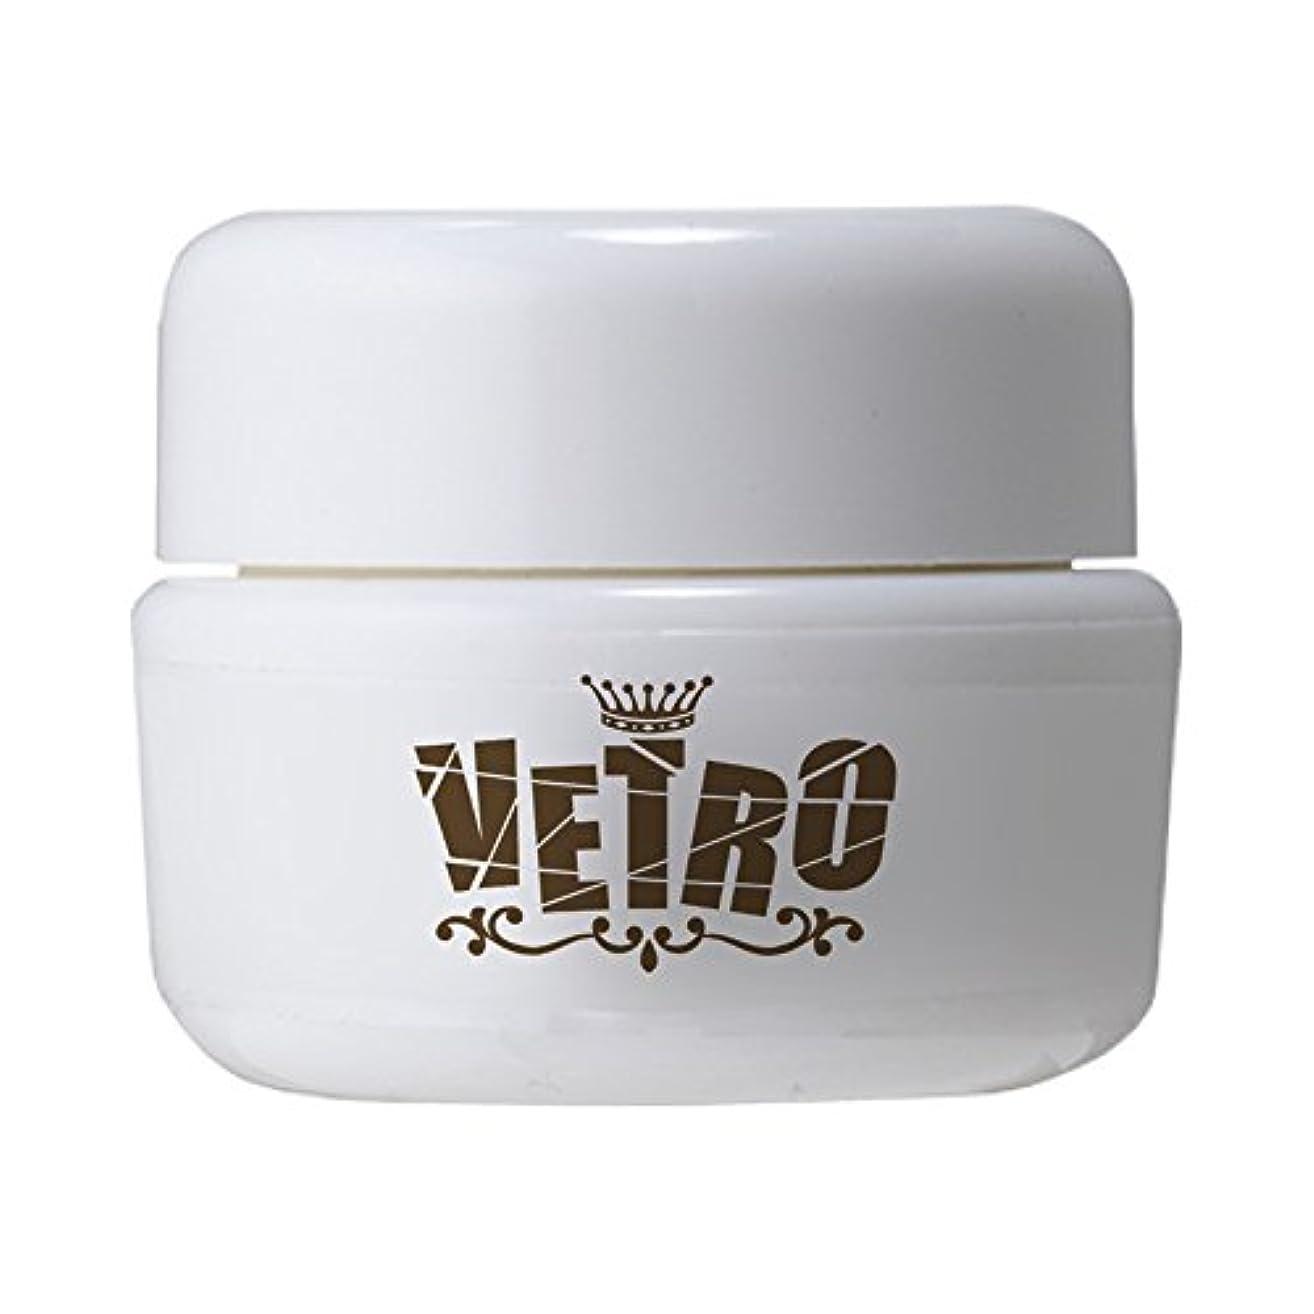 ロードハウス拾う月VETRO No.19 カラージェル マット VL390 ビリジアン 4ml